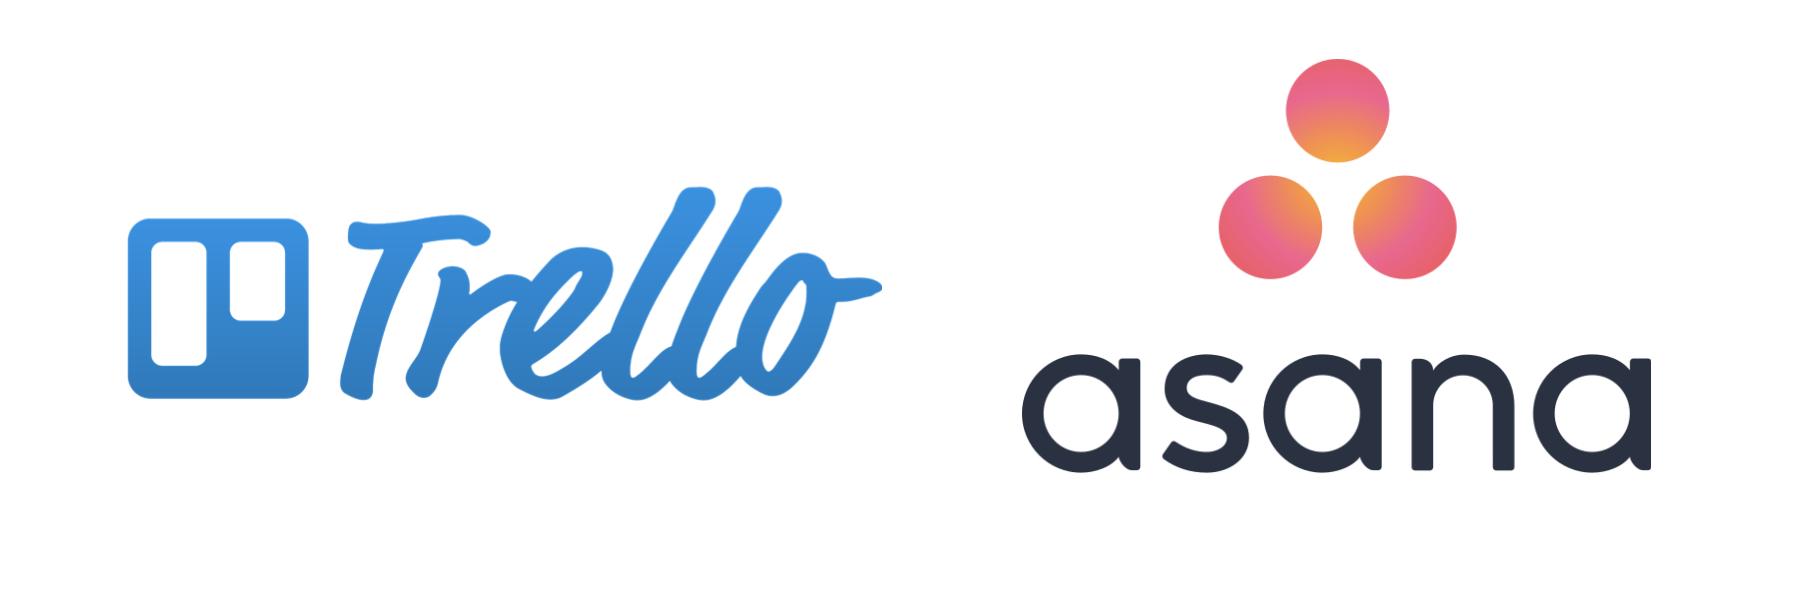 Logo Trello Logo Asana